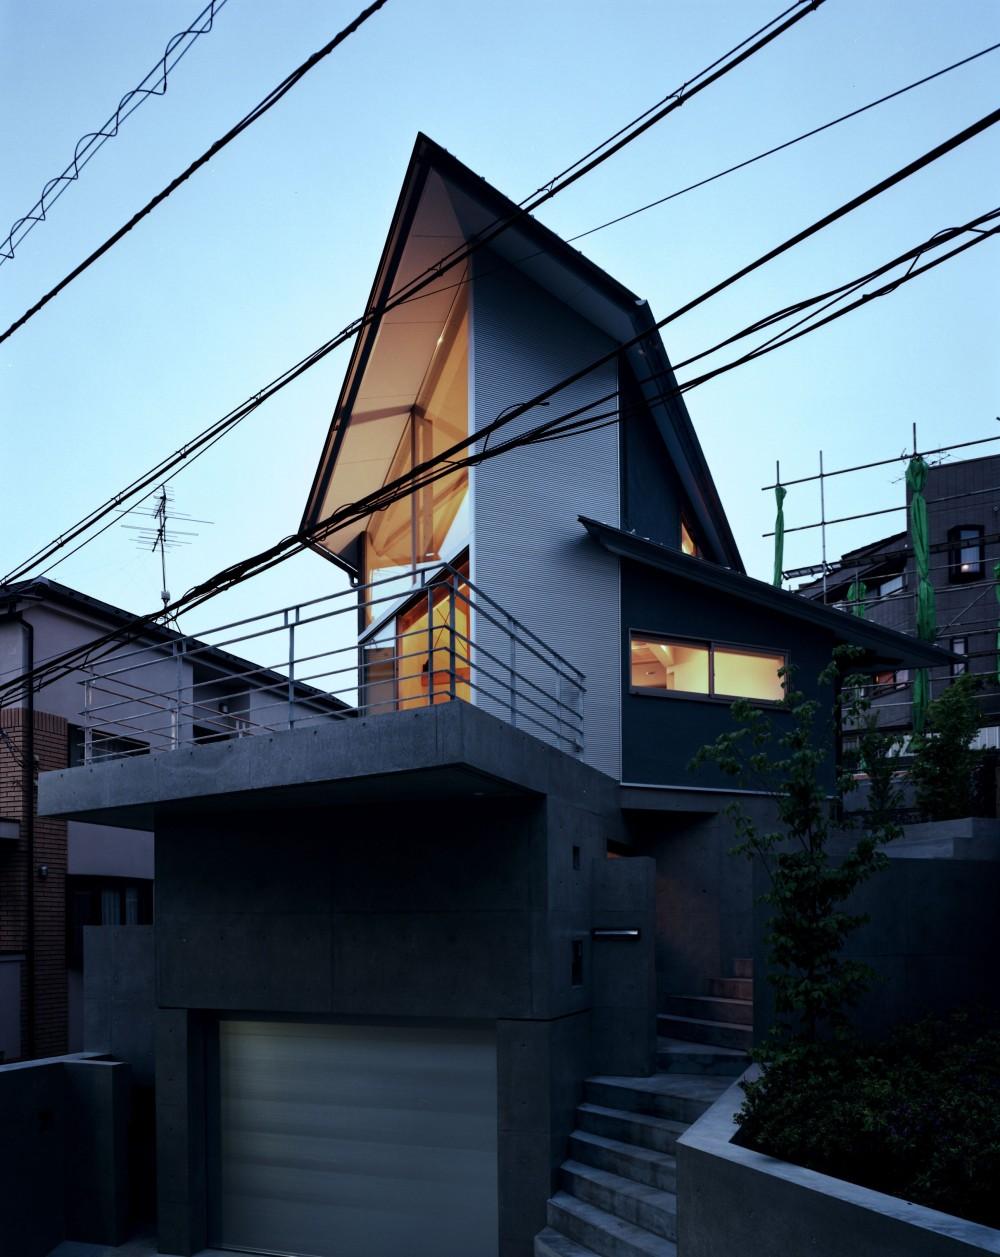 【丘を望む家 】 谷を超えて眺望が広がる急斜面に建つ家 (夕景 道路からの眺め)